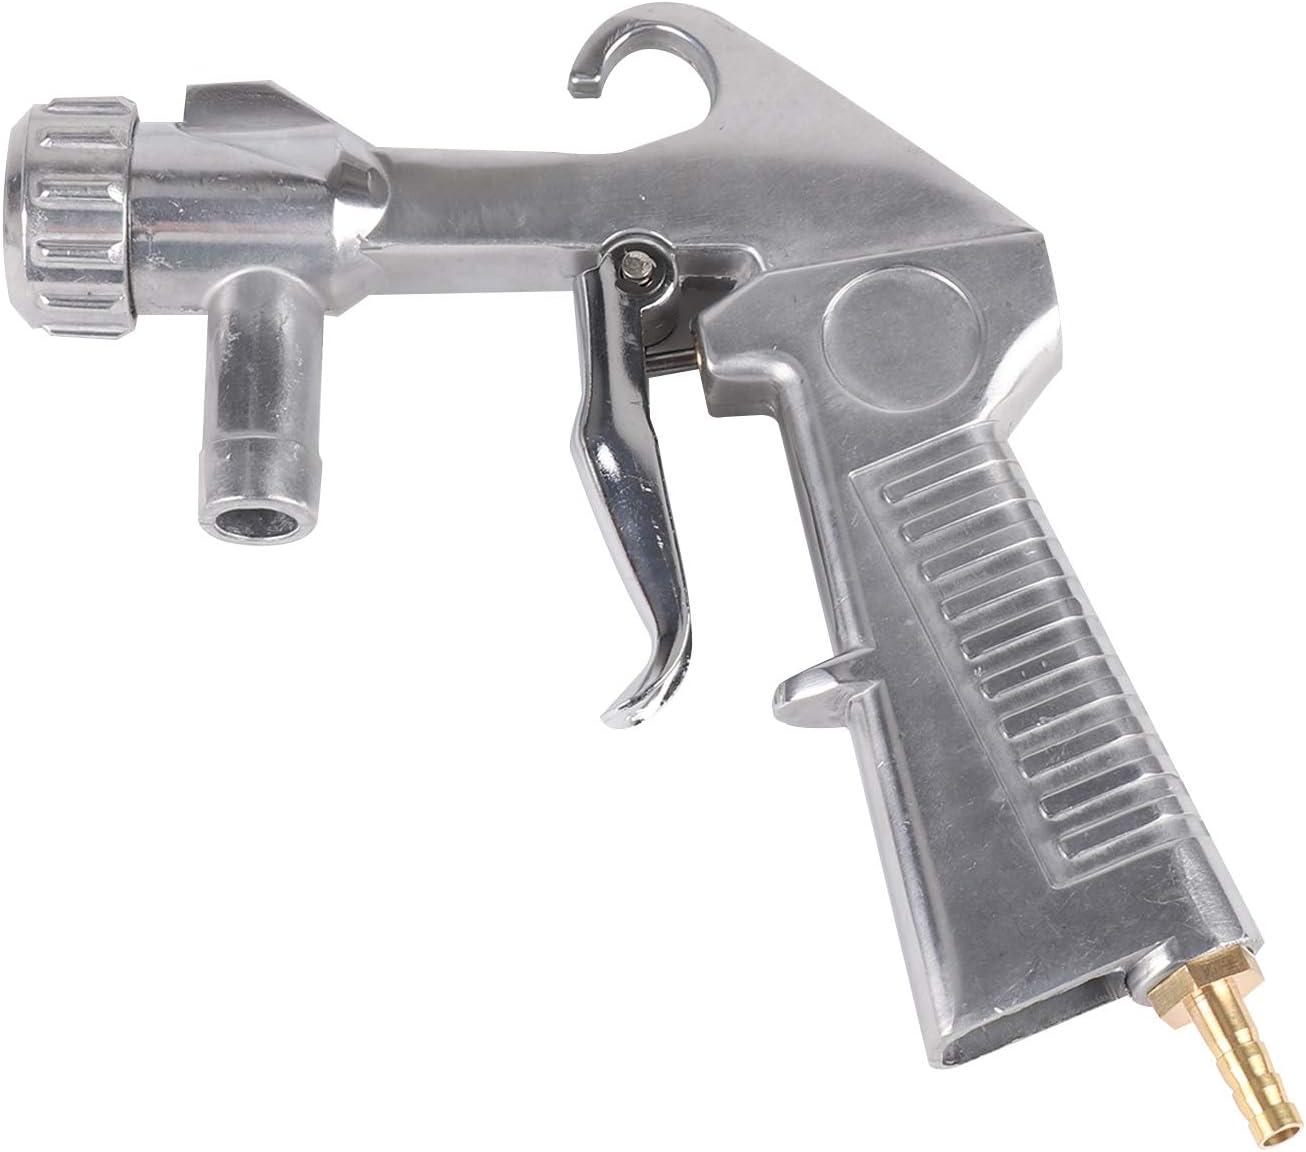 JUEYAN Sandstrahlpistole G1 mit 4 Eisend/üse Keramikd/üse 4//5//6//7mm f/ür Strahlkabinen SBC 90 220 350